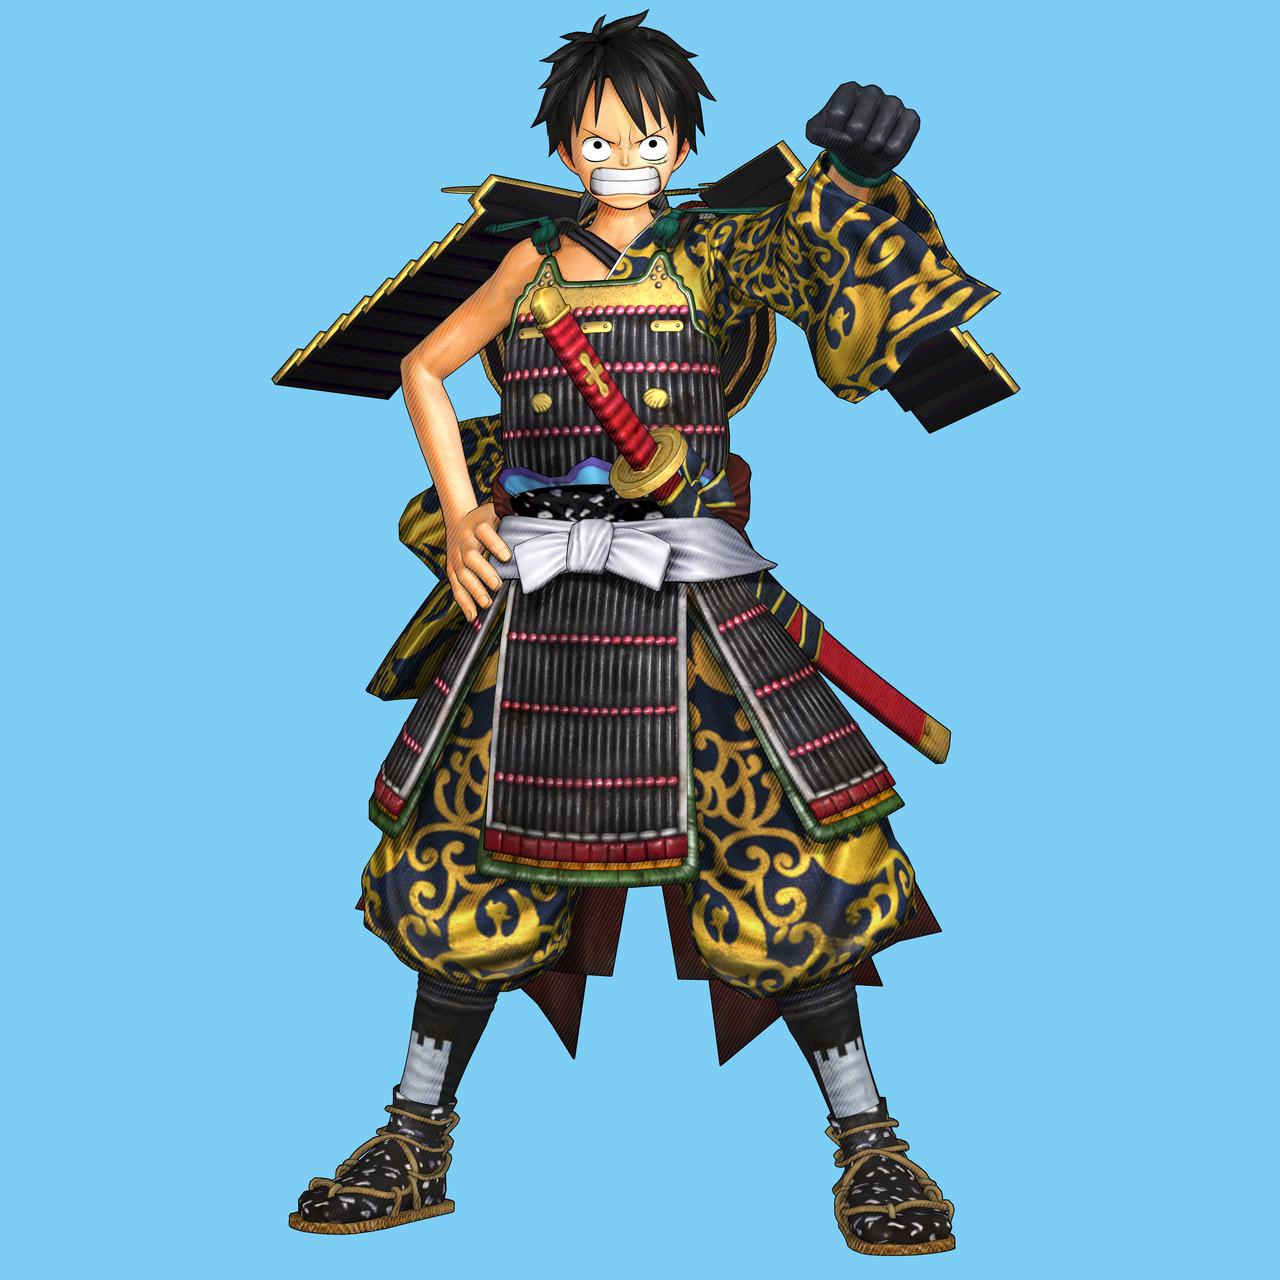 Marco Pirate Warriors 3: One Piece Pirate Warriors [Sortie Prévu Pour Le 21/09/2012]